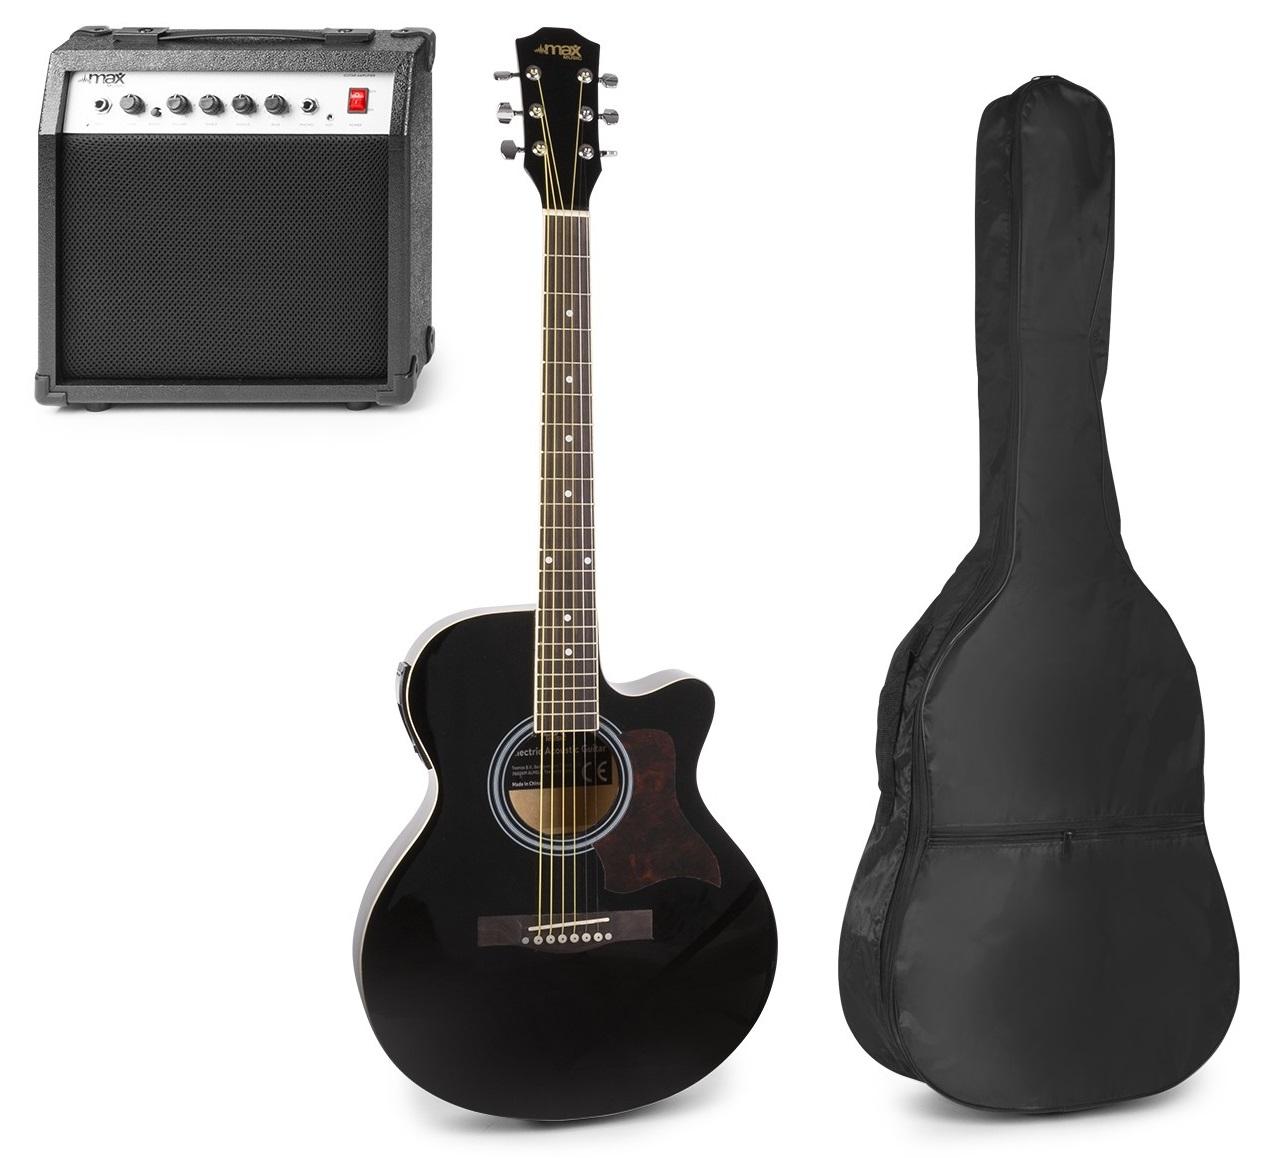 Pack Showkit Guitarra Acústica + Amplificador 40W + Acessórios (Preto) - MAX